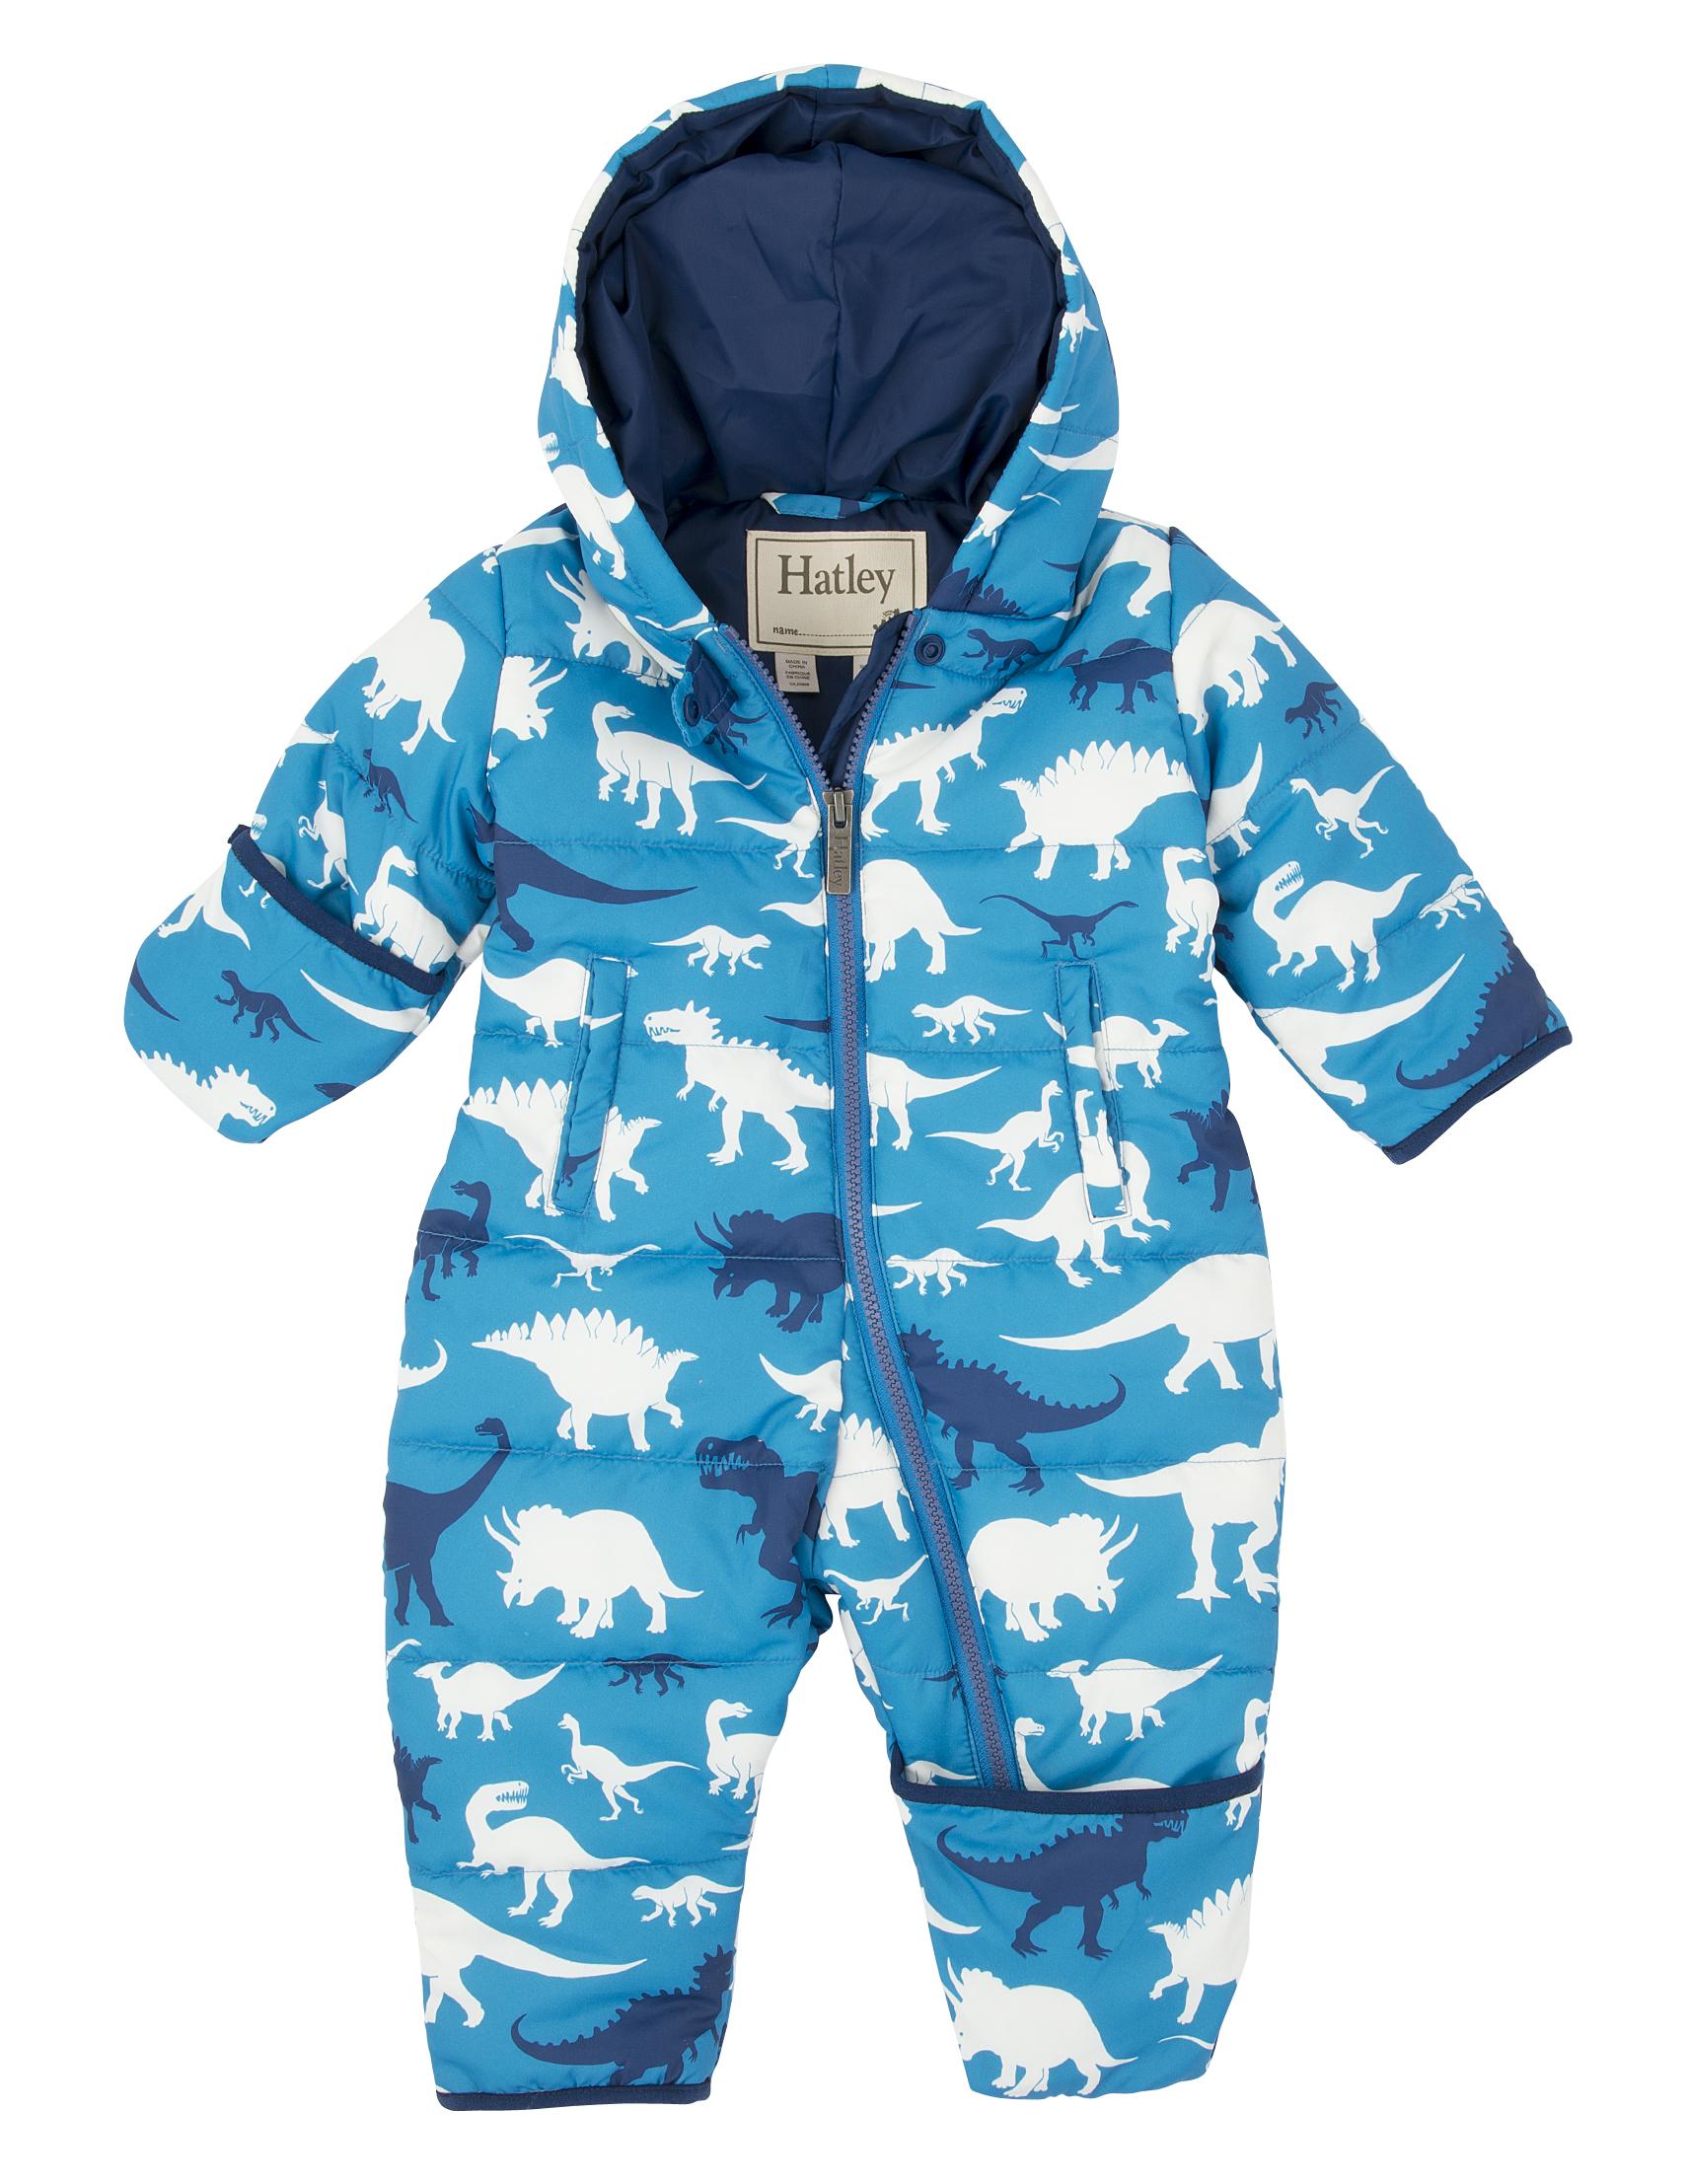 Hatley Baby Dino Snowsuit, Blue